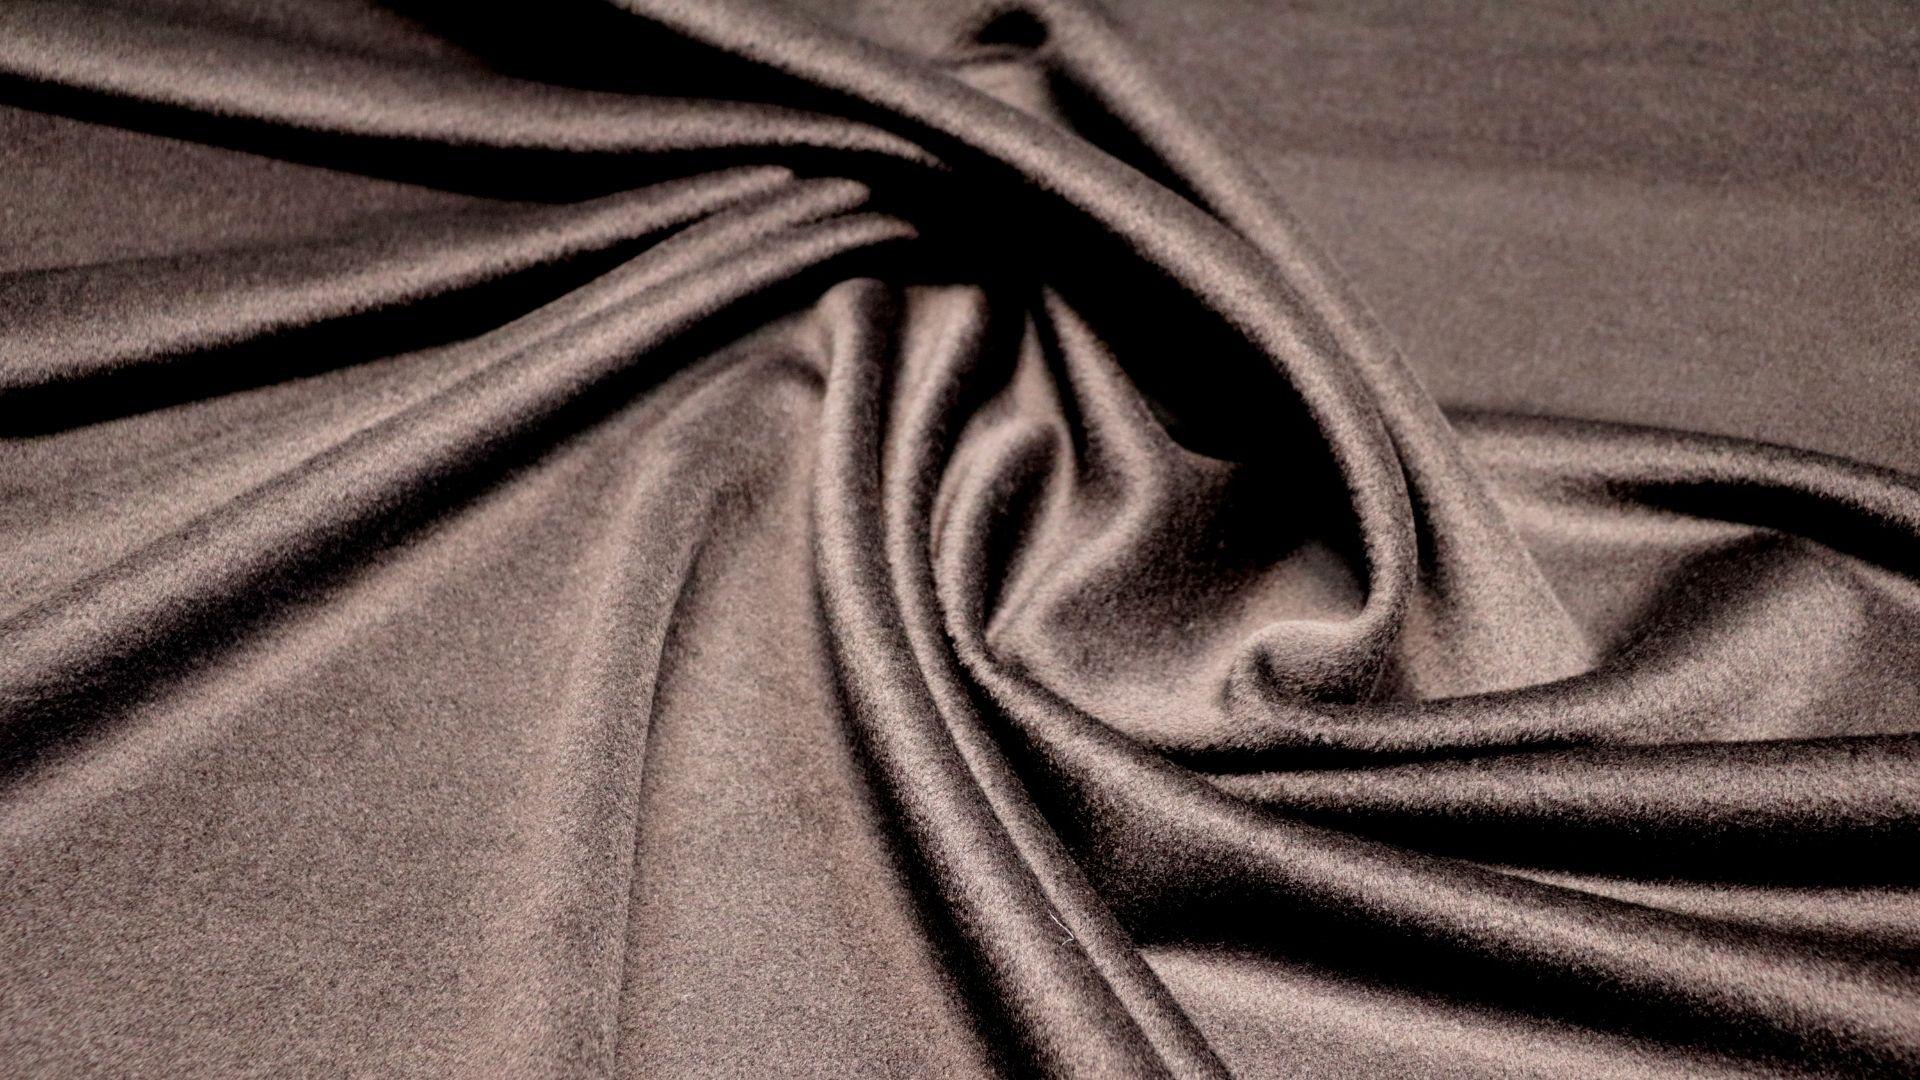 il particolare del tessuto palto255000, appartenente alla categoria uniti cappotti, di Leadford & Logan